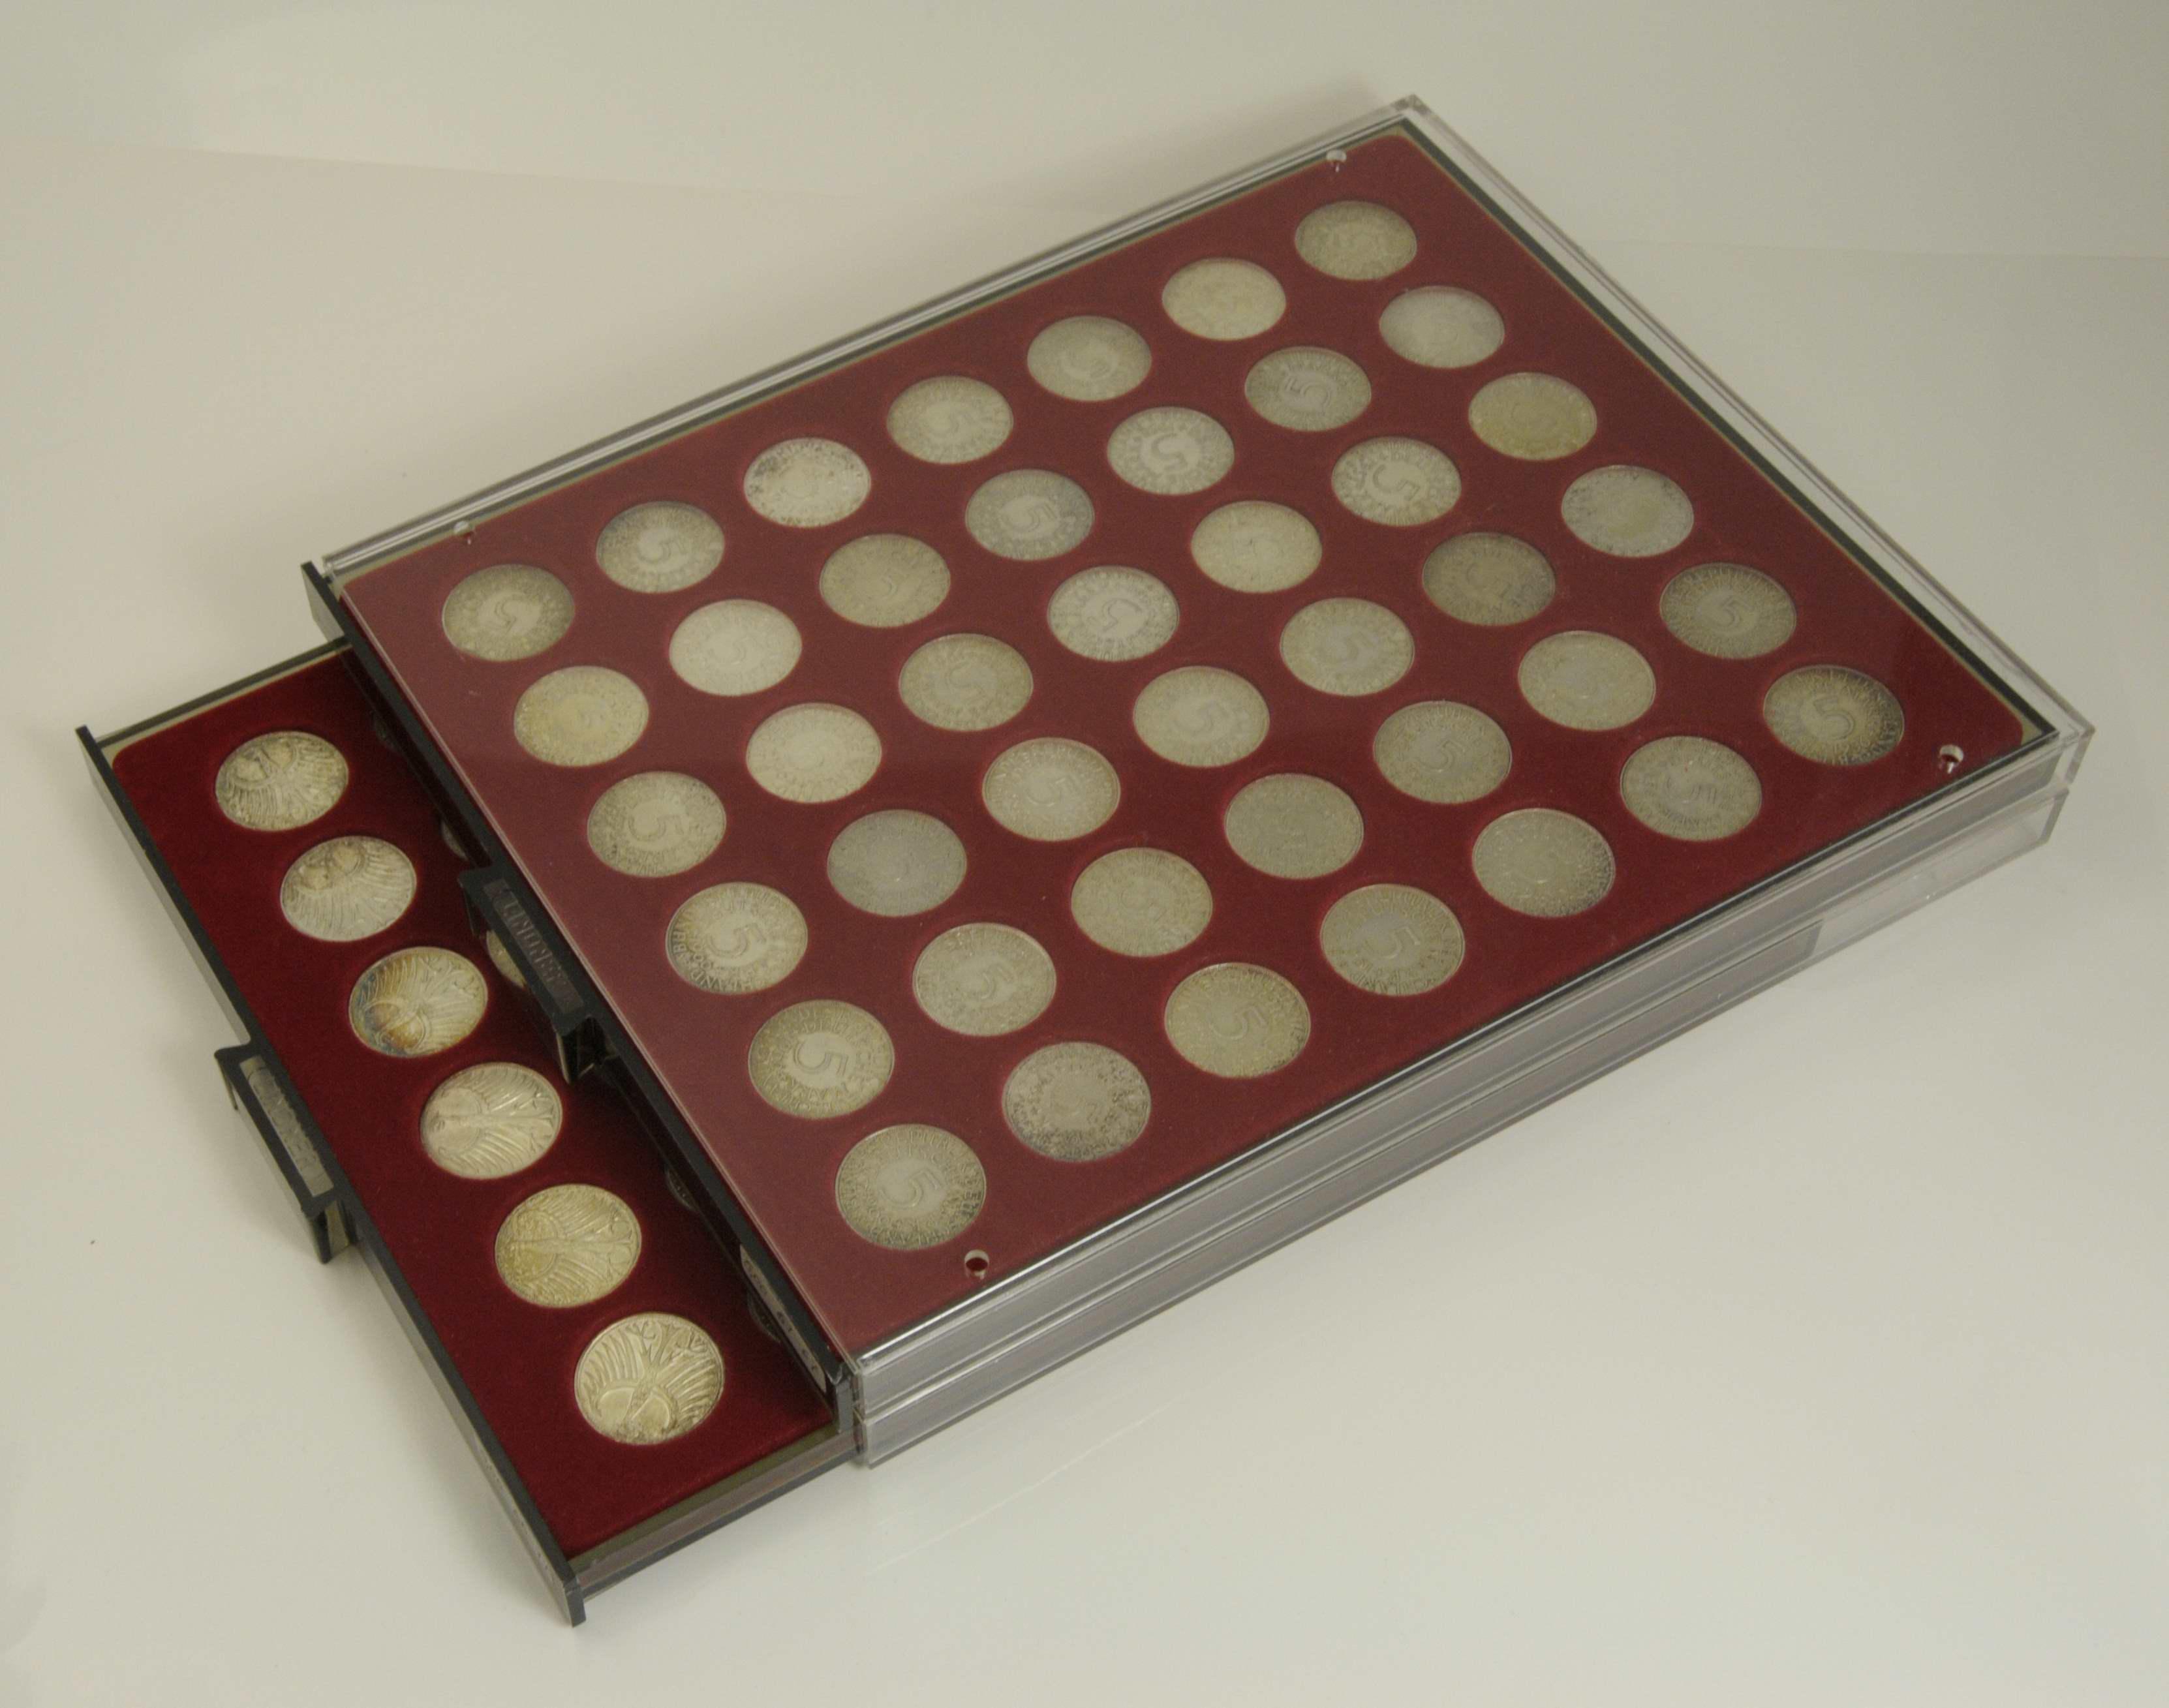 Lot 1184 - deutschland Bundesrepublik (DM) -  Auktionshaus Ulrich Felzmann GmbH & Co. KG Coins single lots